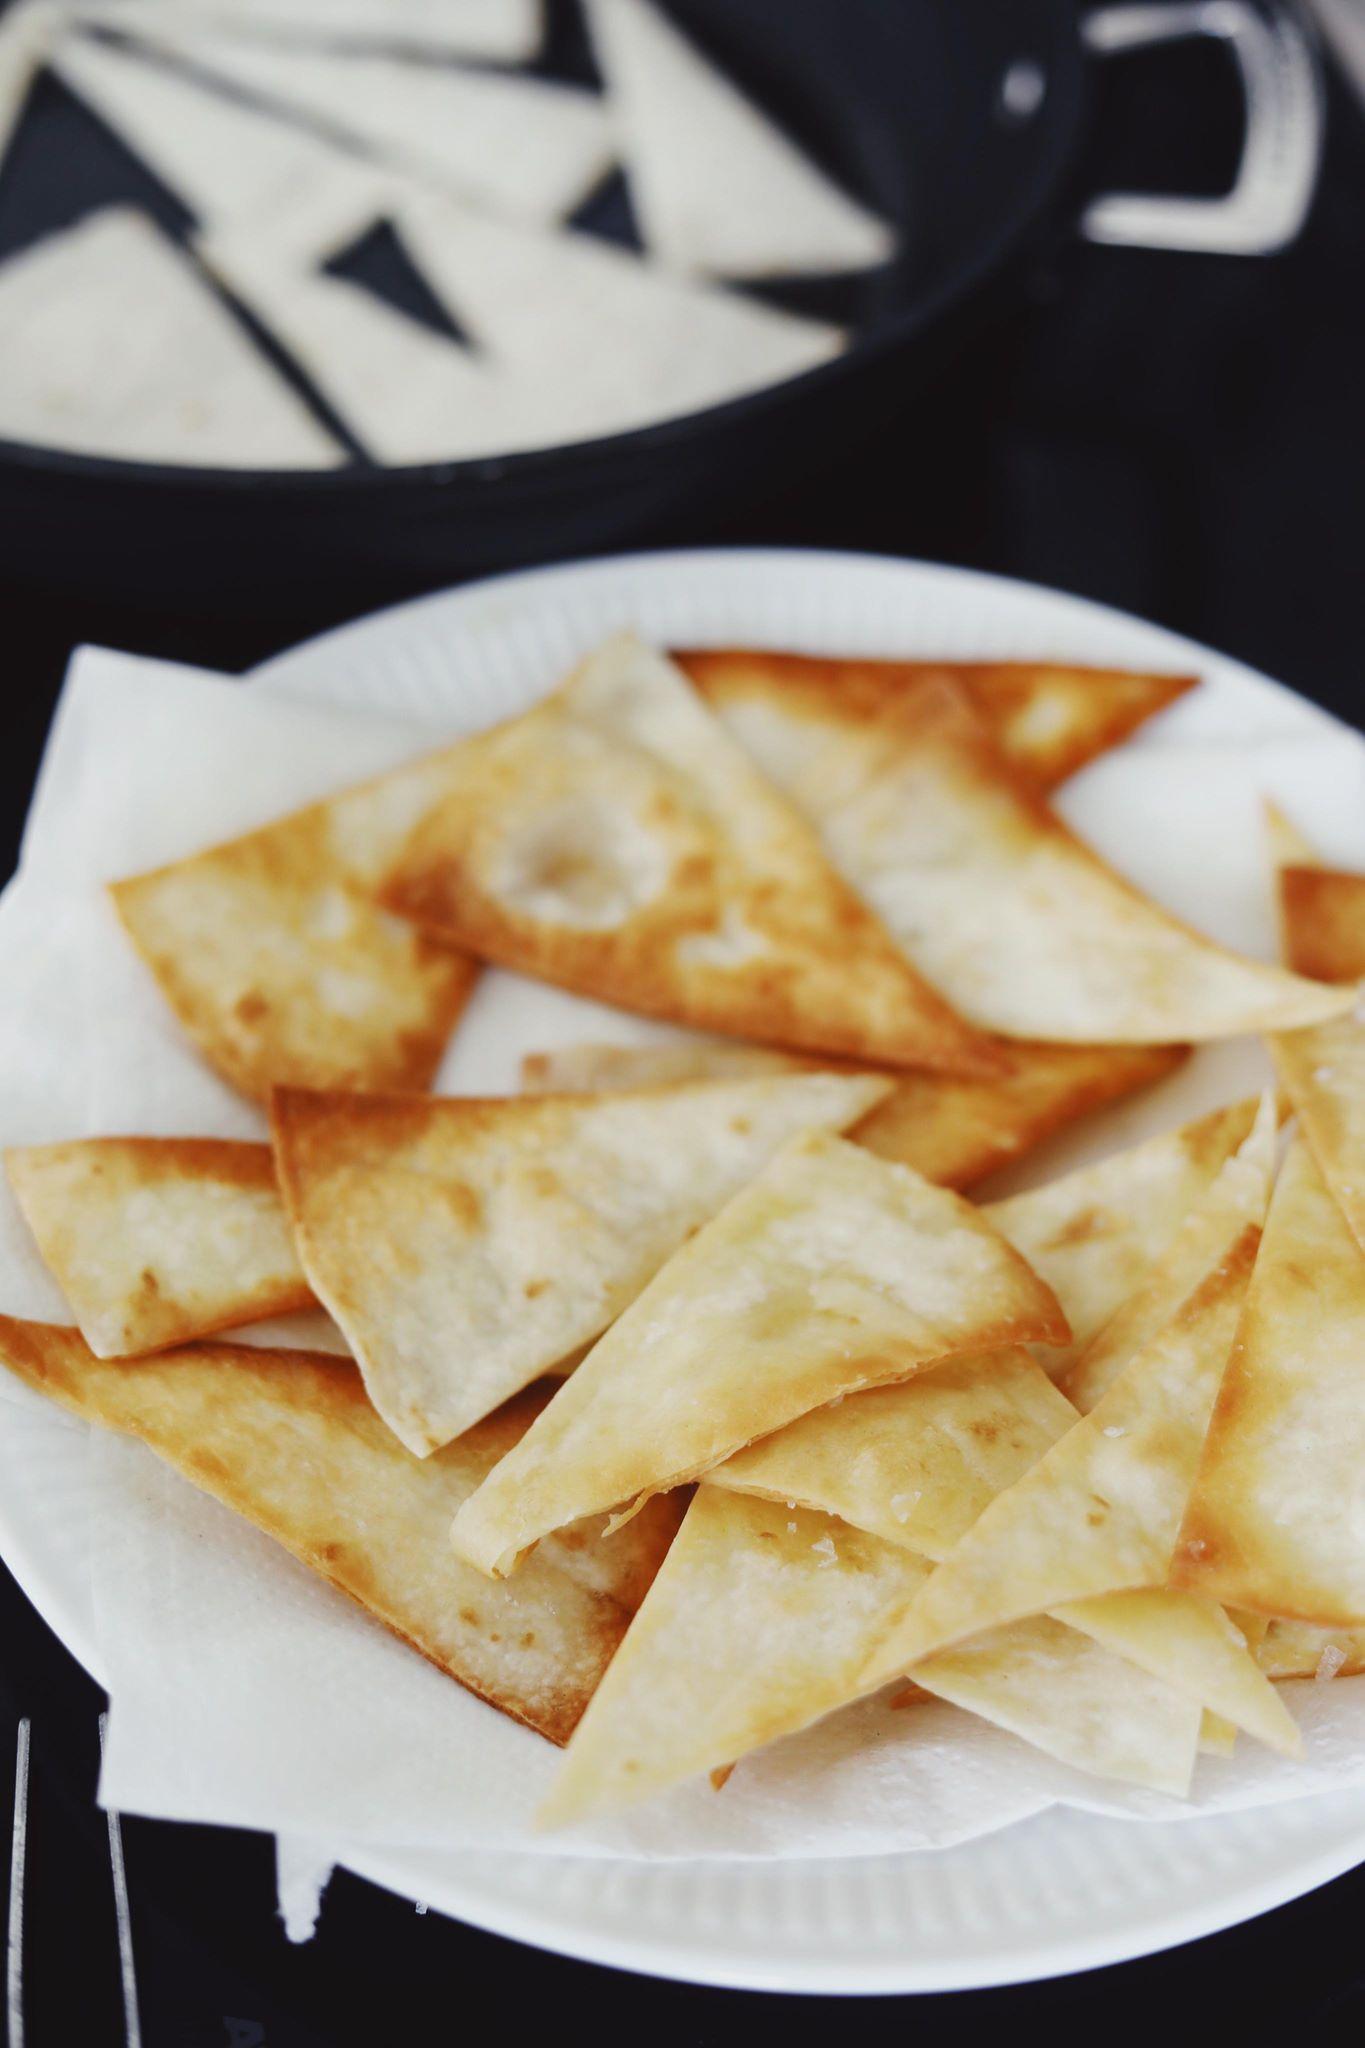 Krydret gratineret kylling med sprøde tortilla chips